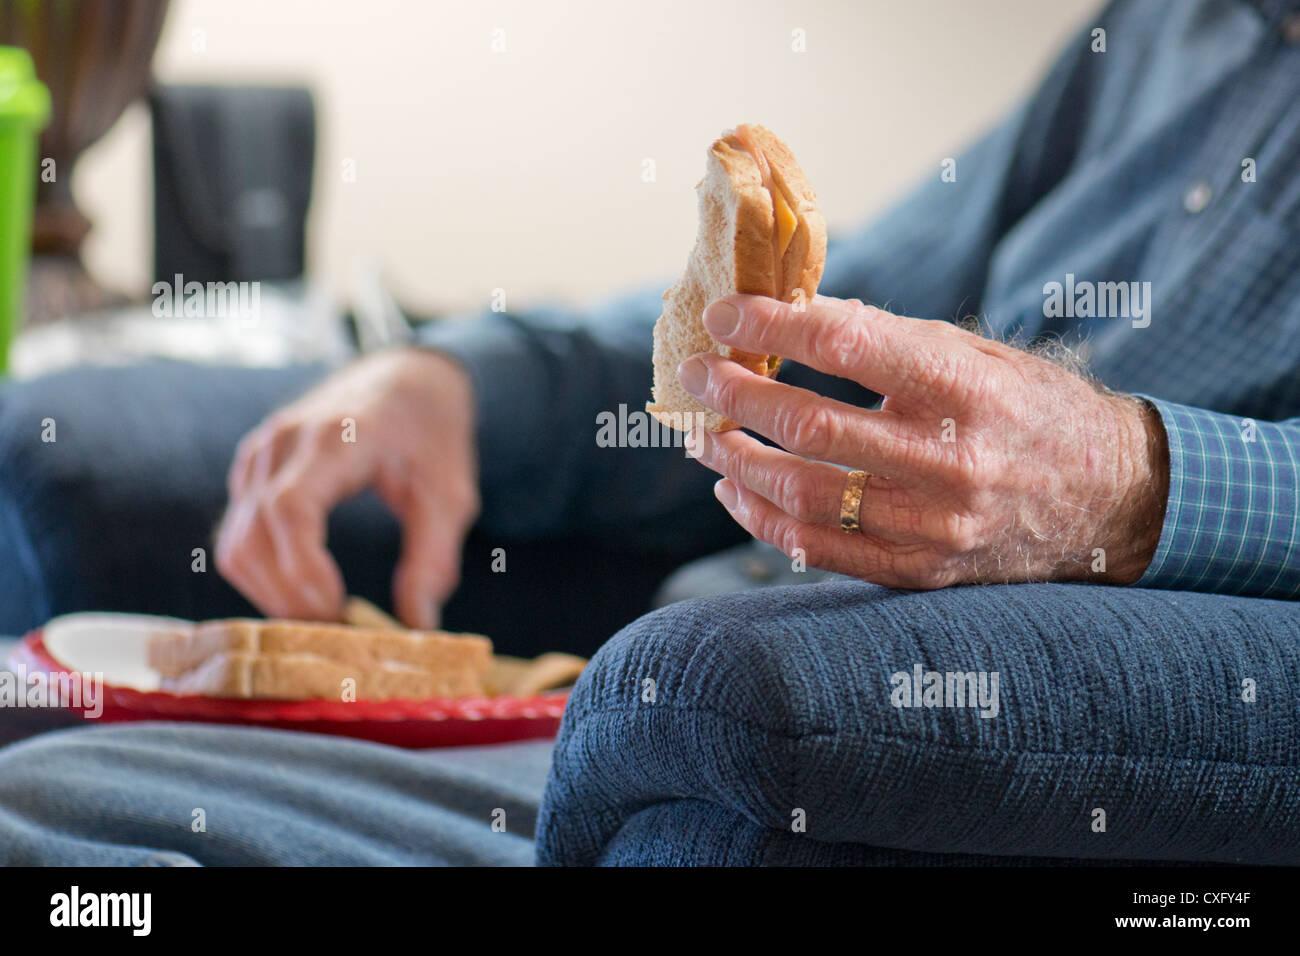 Un hombre anciano, come bocadillos en un plato de papel mientras estaba sentado en su sillón reclinable. Acercamiento Imagen De Stock